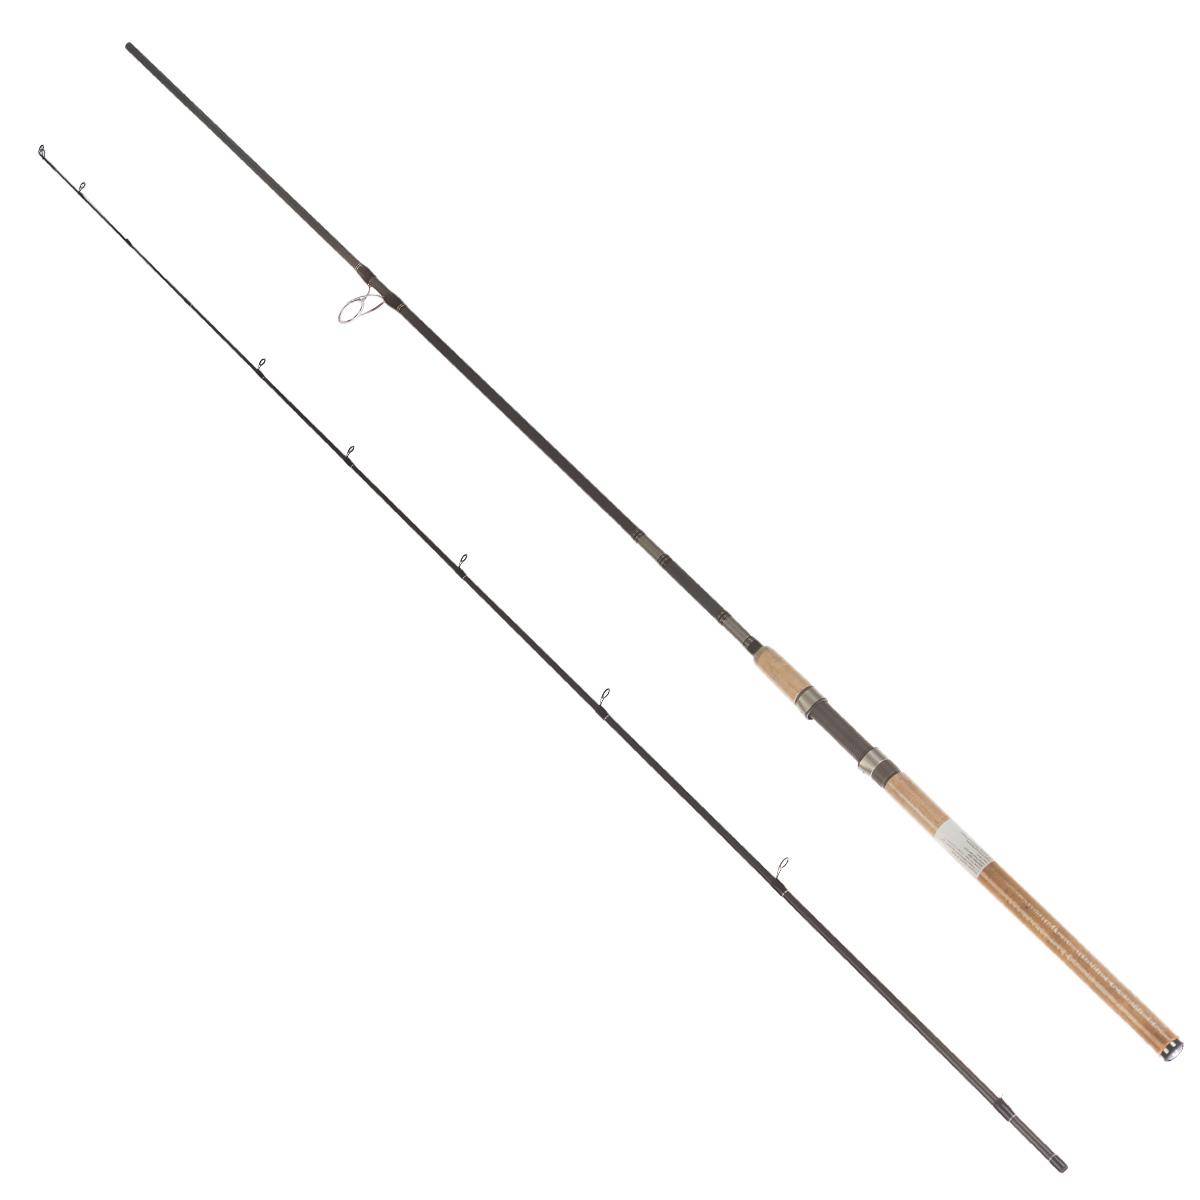 Спиннинг штекерный Daiwa Exceler-RU, 3,05 м, 15-50 г спиннинг штекерный daiwa exceler ru 2 59 м 10 40 г